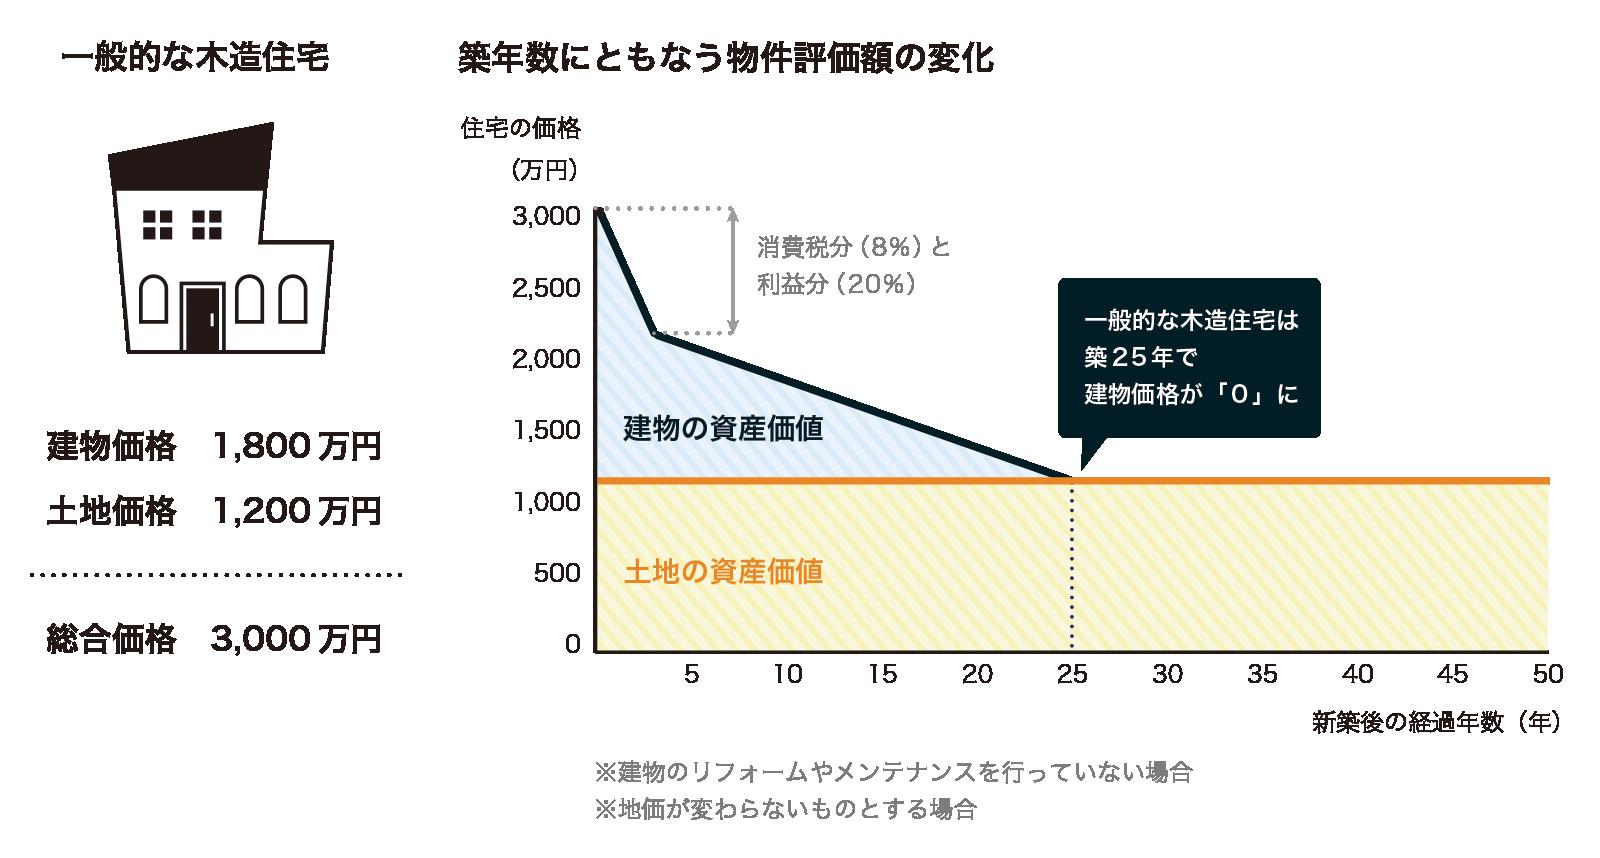 築年数経過に伴う物件評価額の変化